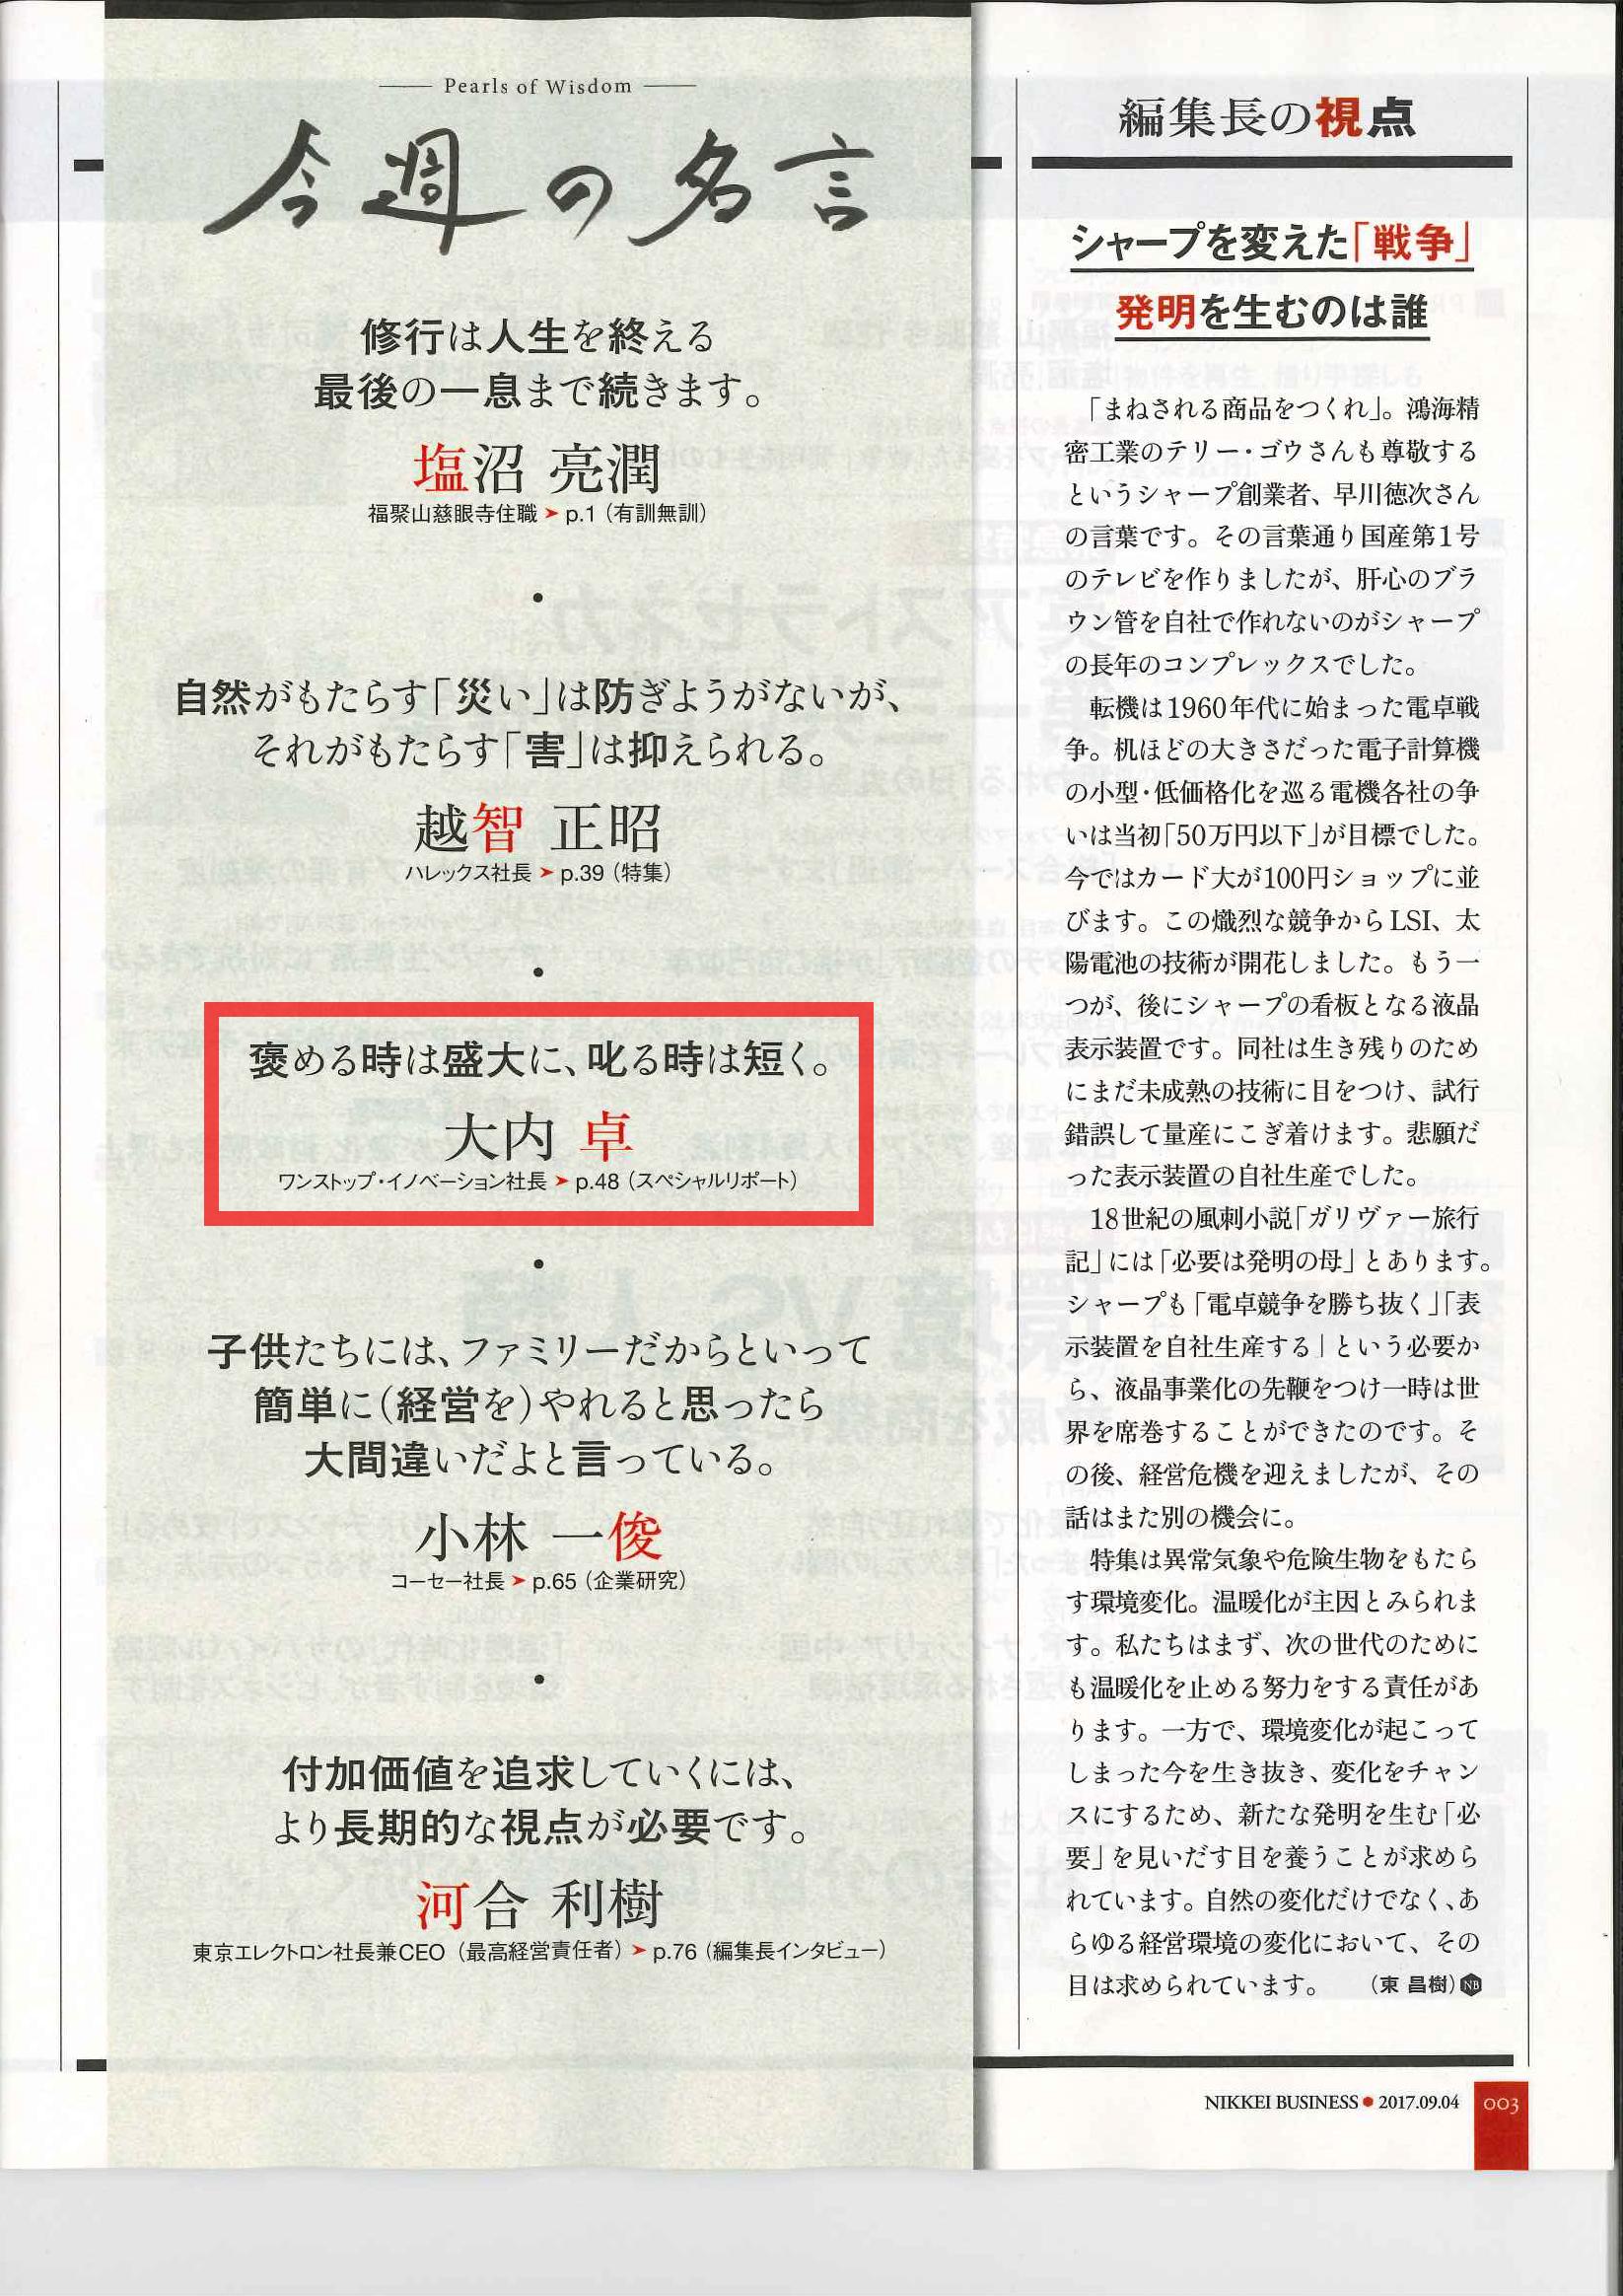 2017年9月4日号_日経ビジネス記事_ページ_2_画像_0001